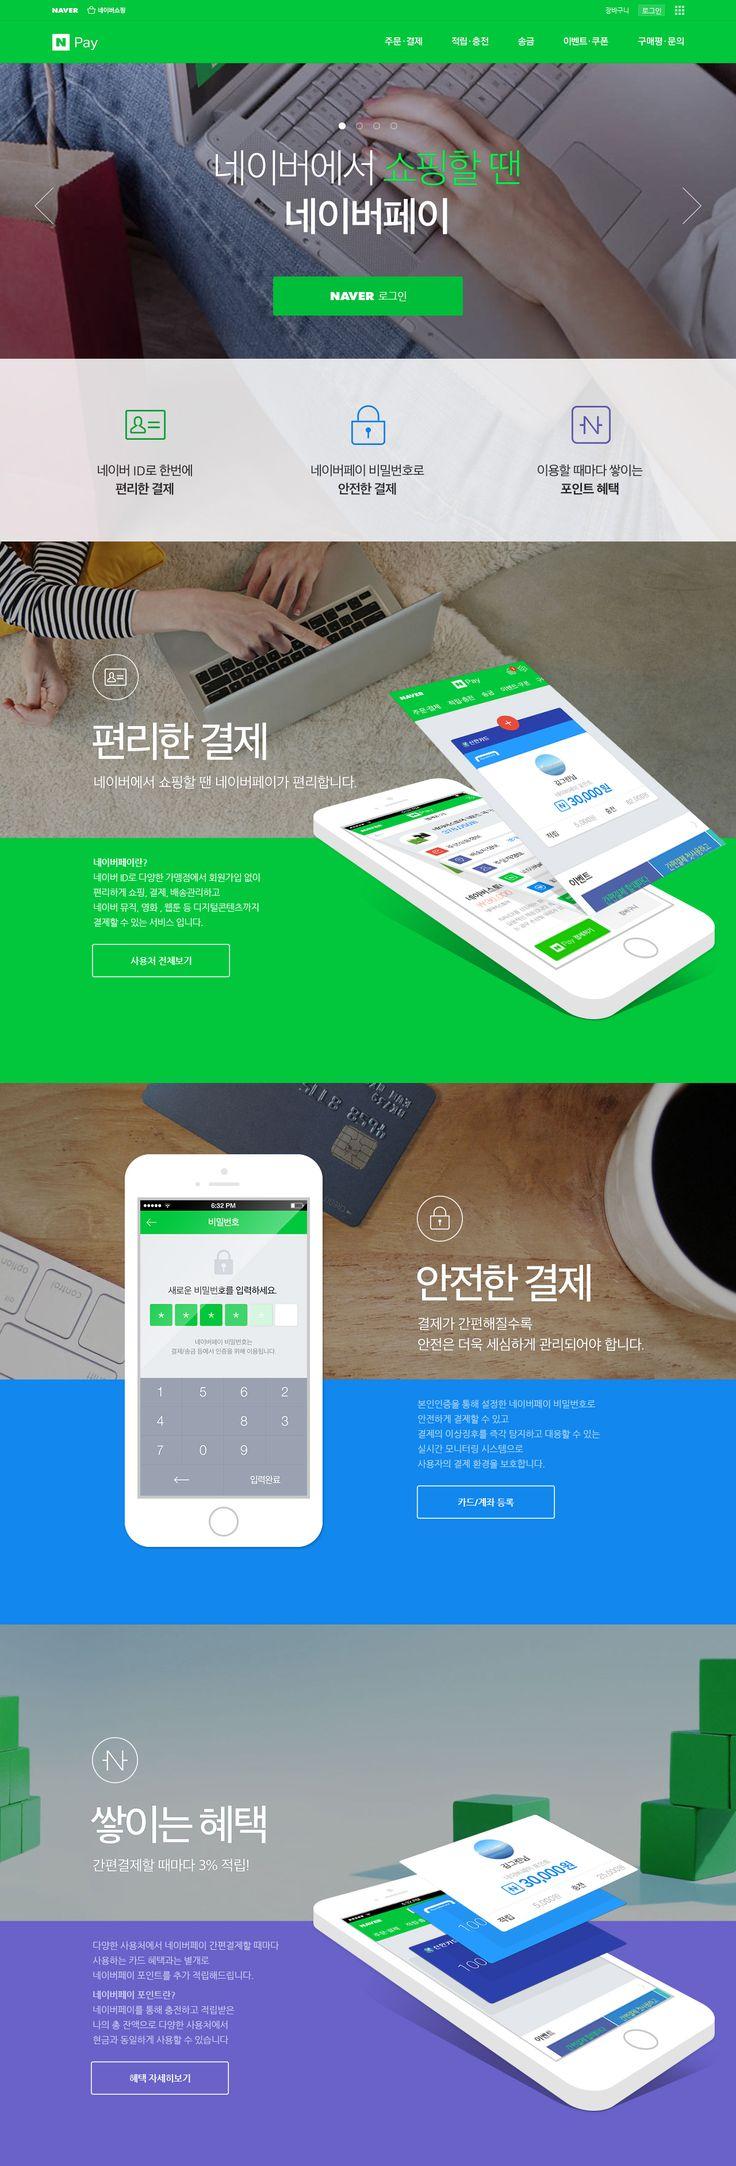 앱의 소개페이지